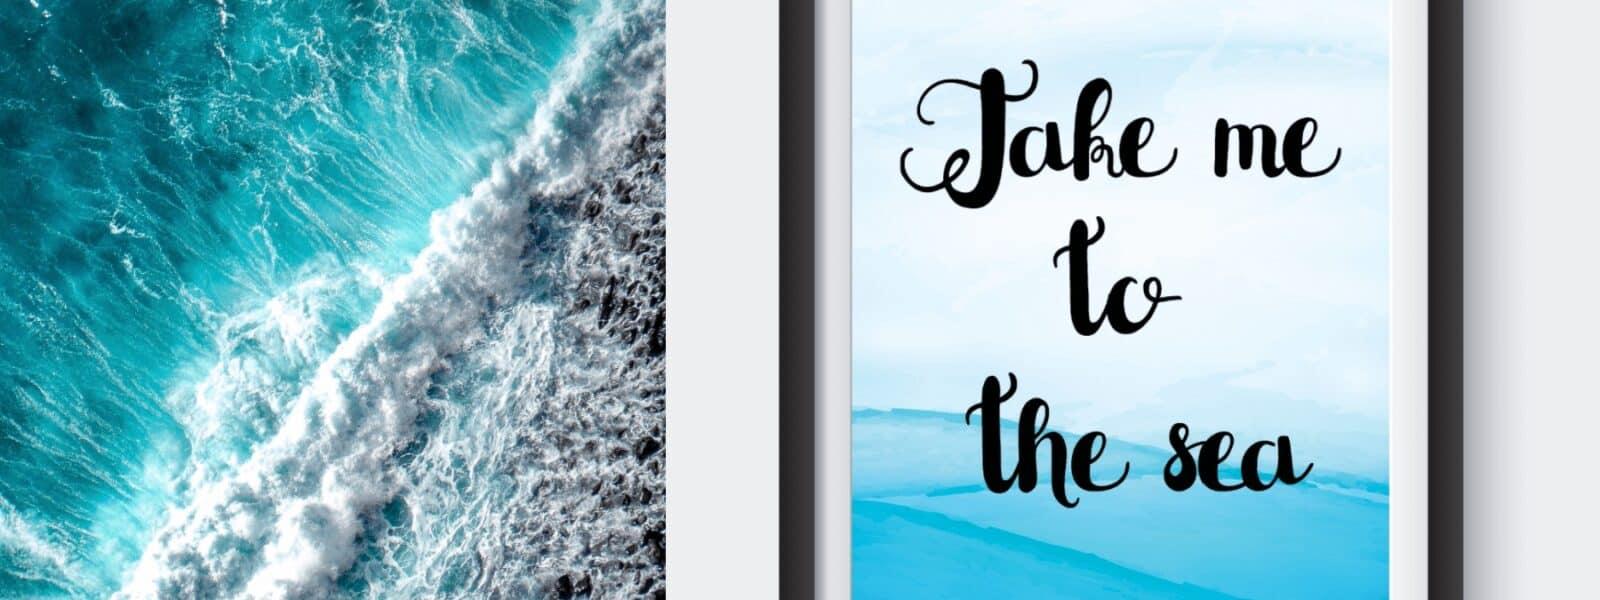 Free Printable Travel Wall Art – Take Me To The Sea – Beach Inspired